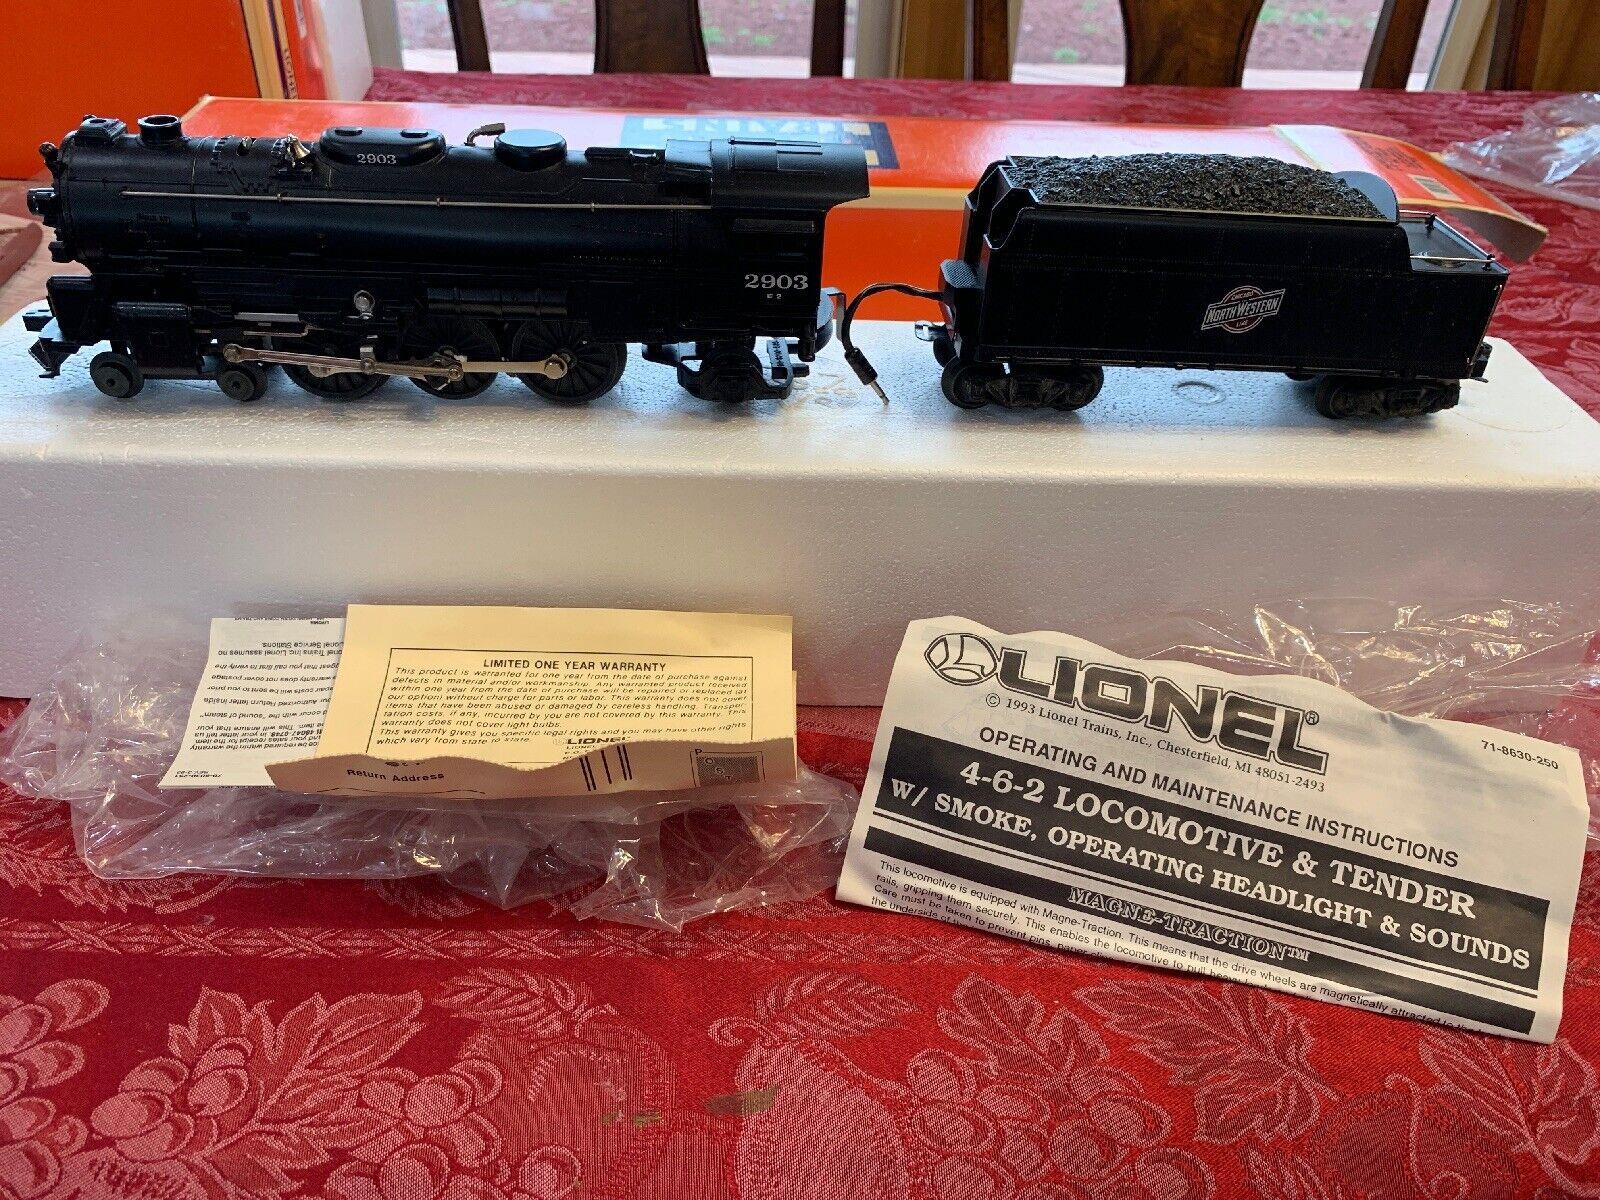 Lionel Locomotora Tender 2903 E W 71-8630-250 W 4-6-2 sonidos de Faros de humo